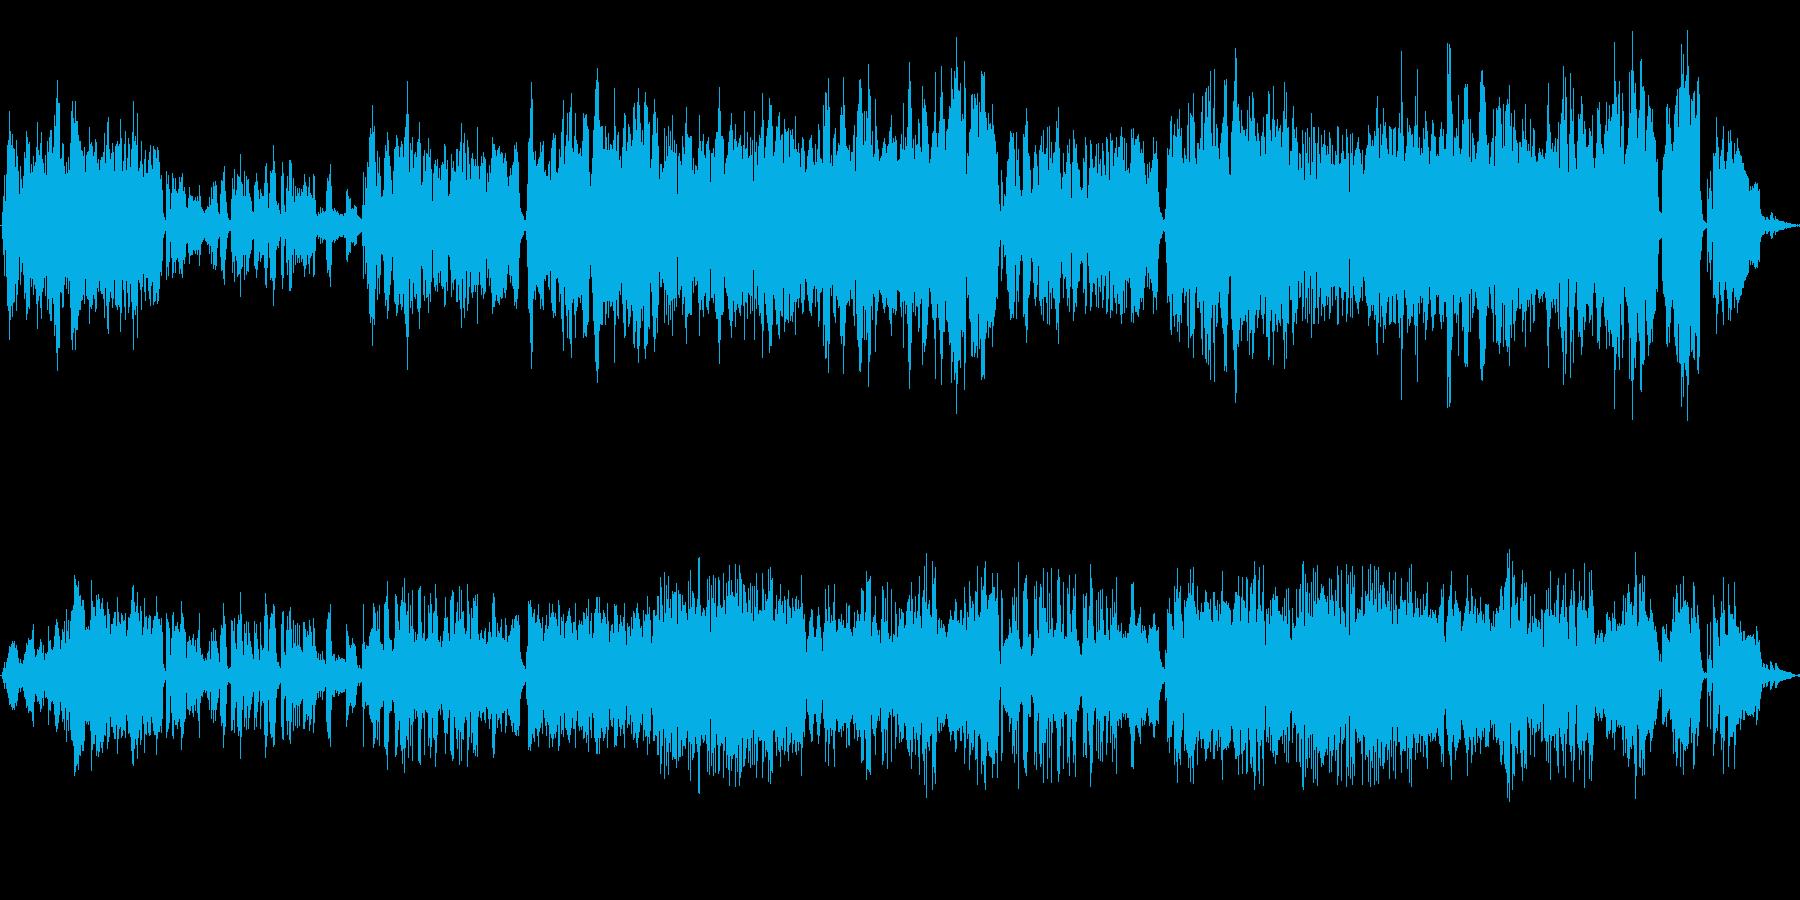 ピアノとストリングスの伸びやかなBGMの再生済みの波形